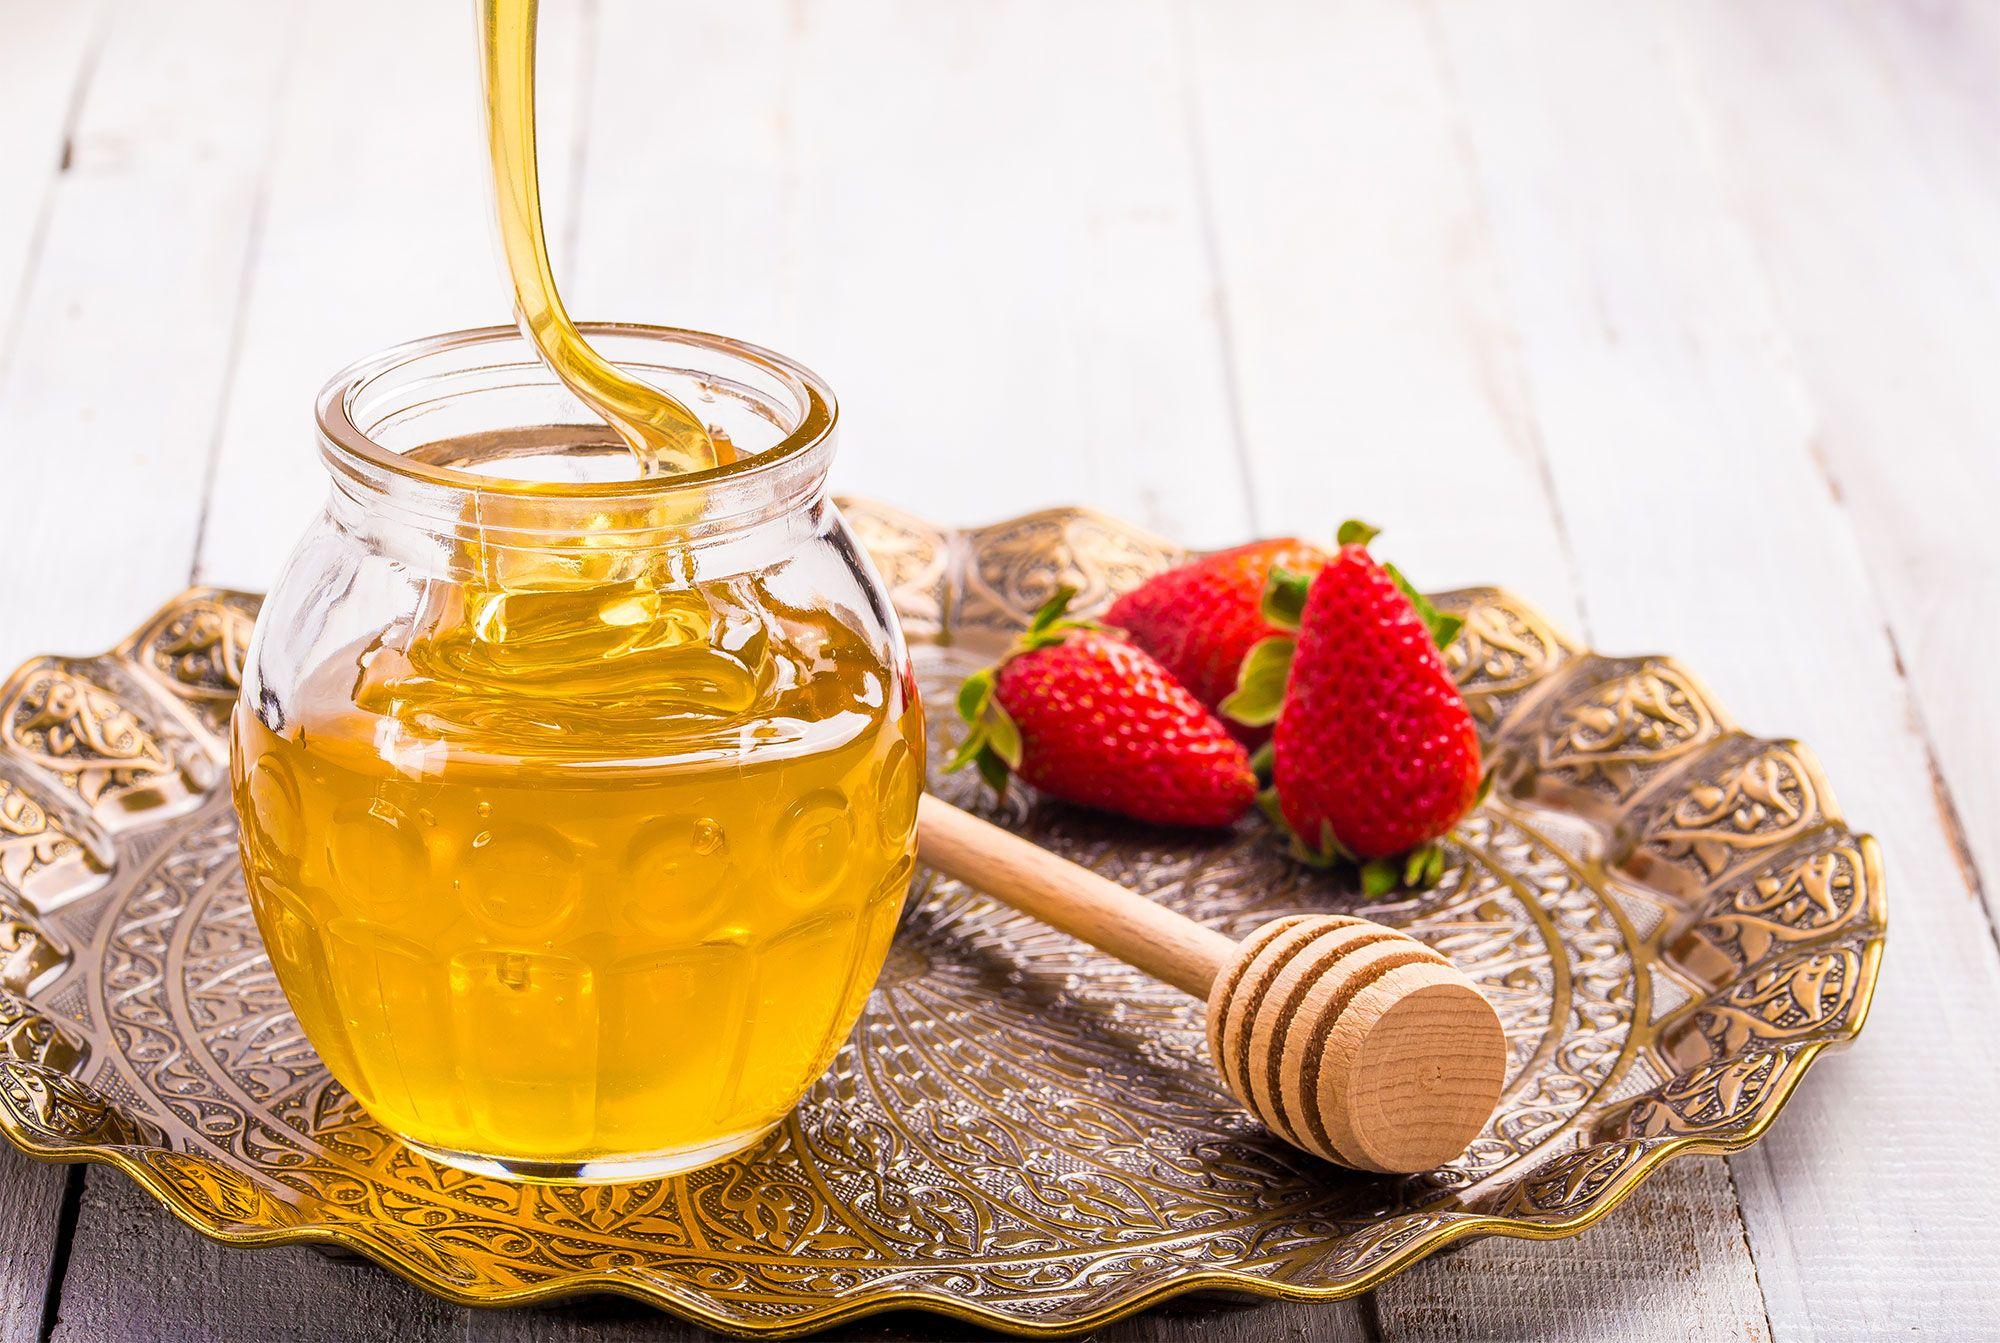 Ingredientes para elaborar una mascarilla hidratante de fresas y miel